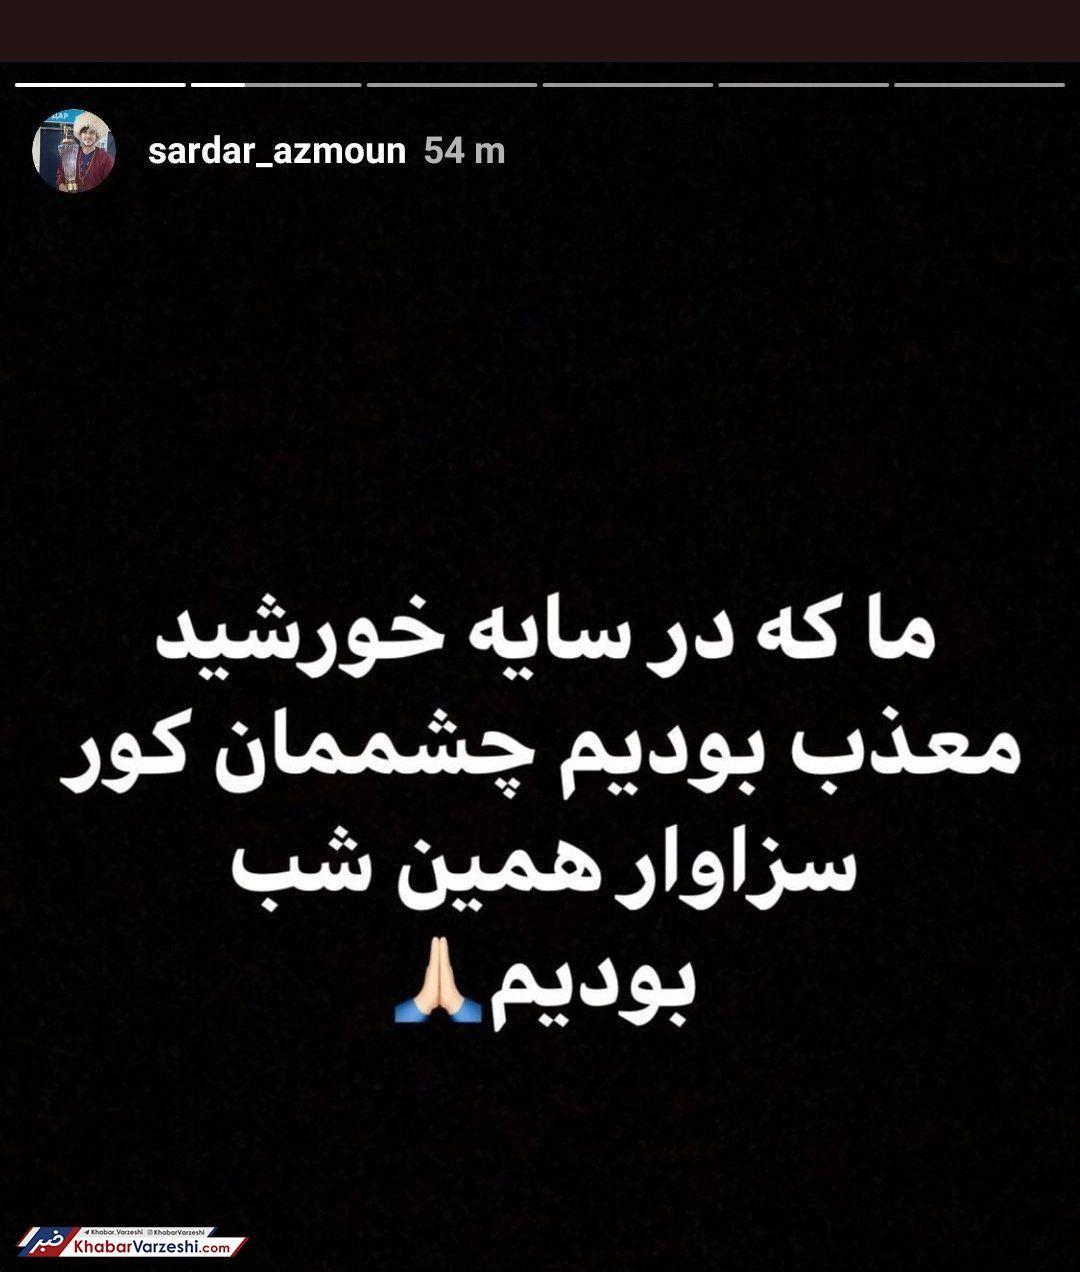 عکس| کنایه سردار آزمون به انتخاب اسکوچیچ به عنوان سرمربی تیم ملی